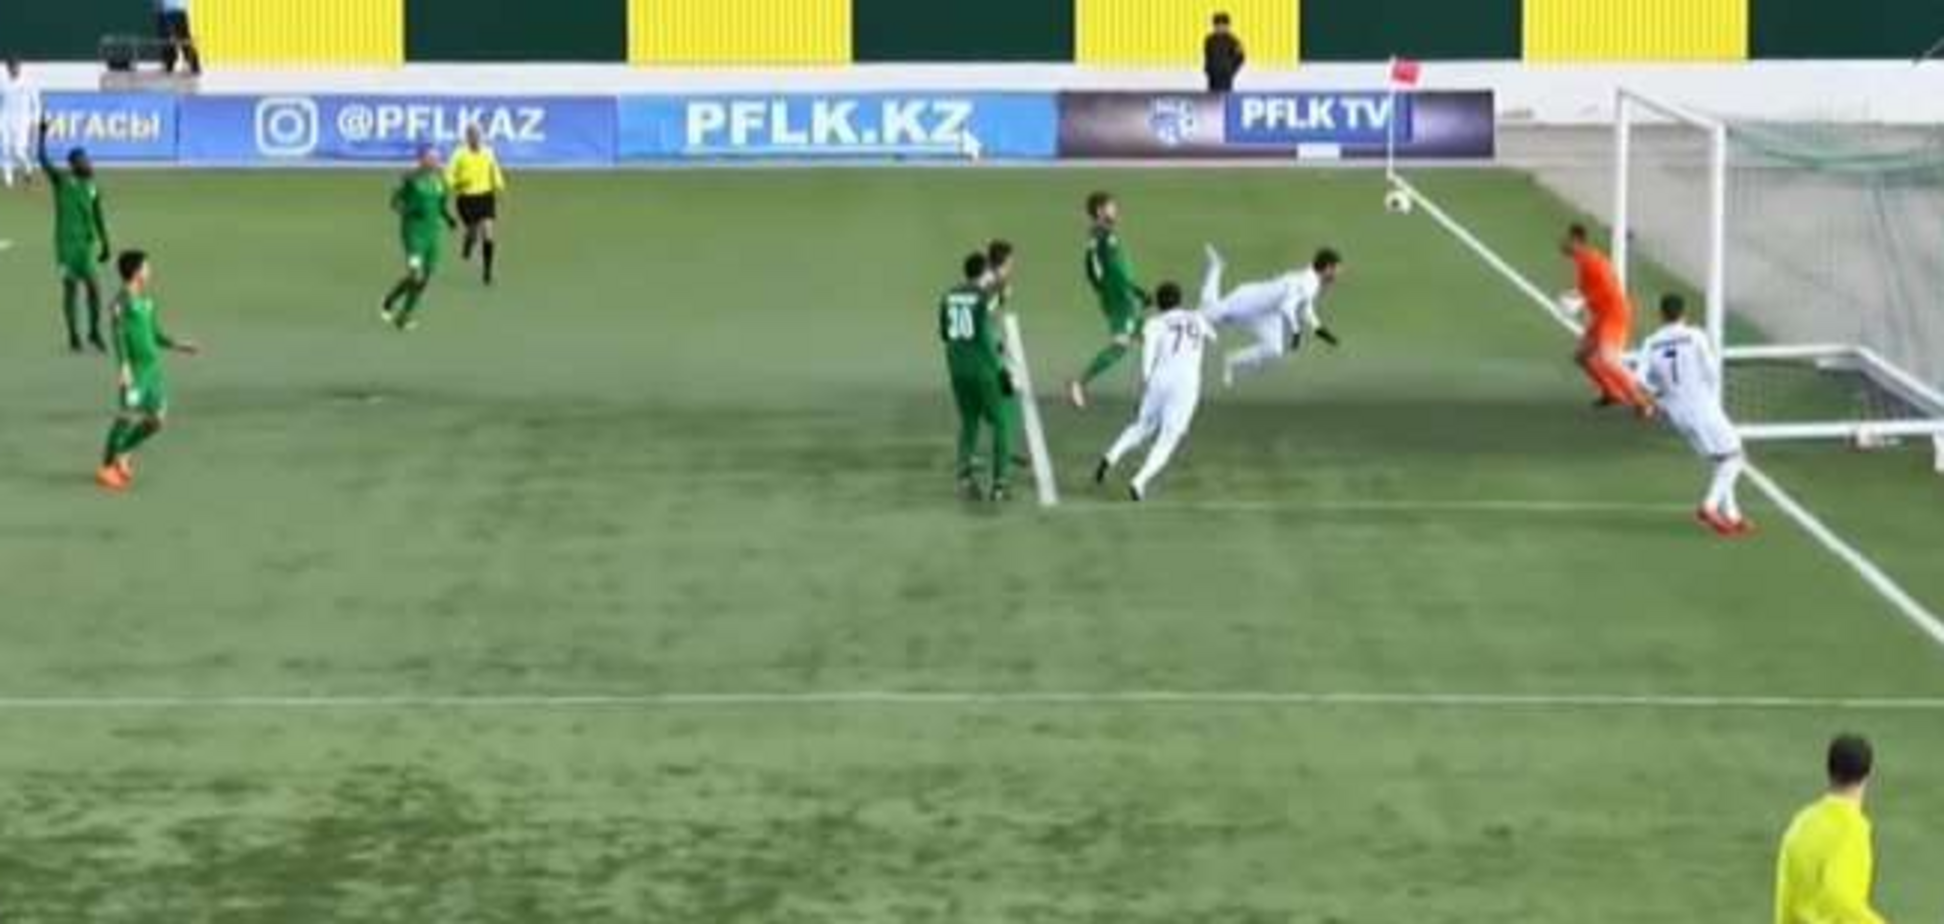 Екс-футболіст збірної України забив приголомшливий гол ударом скорпіона: відео шедевра